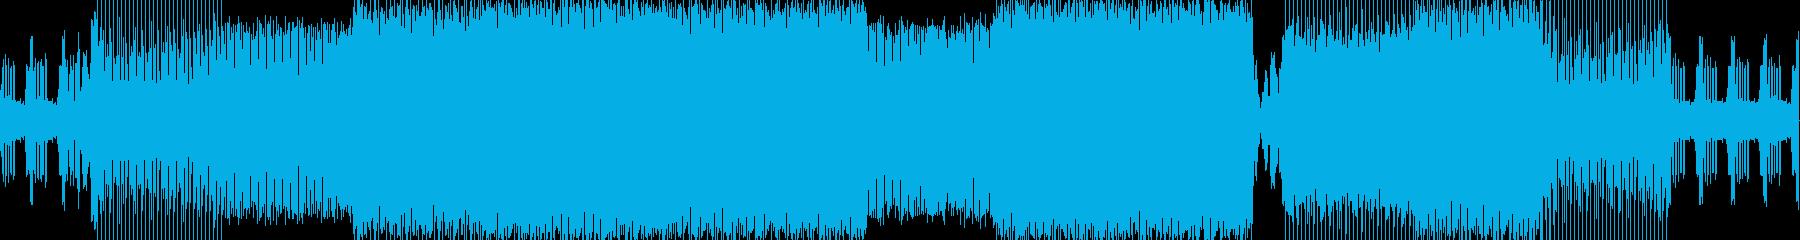 ダンスフロア。イントロトランスハウ...の再生済みの波形